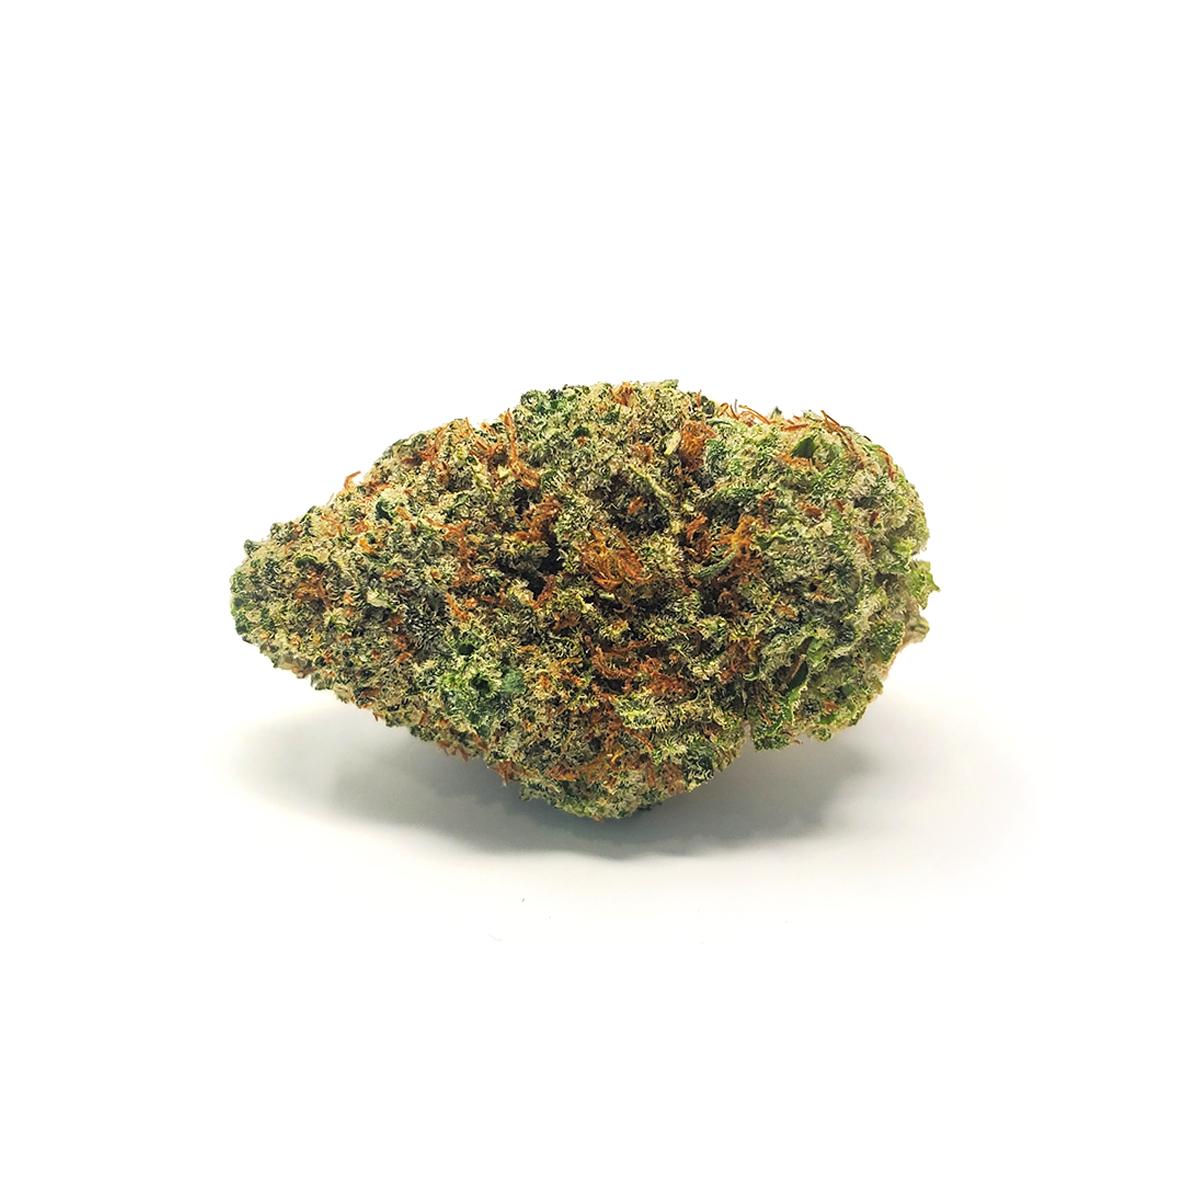 Budget Buds *Special* - Sour Diesel - Half Pound Buy Sour Diesel Cannabis